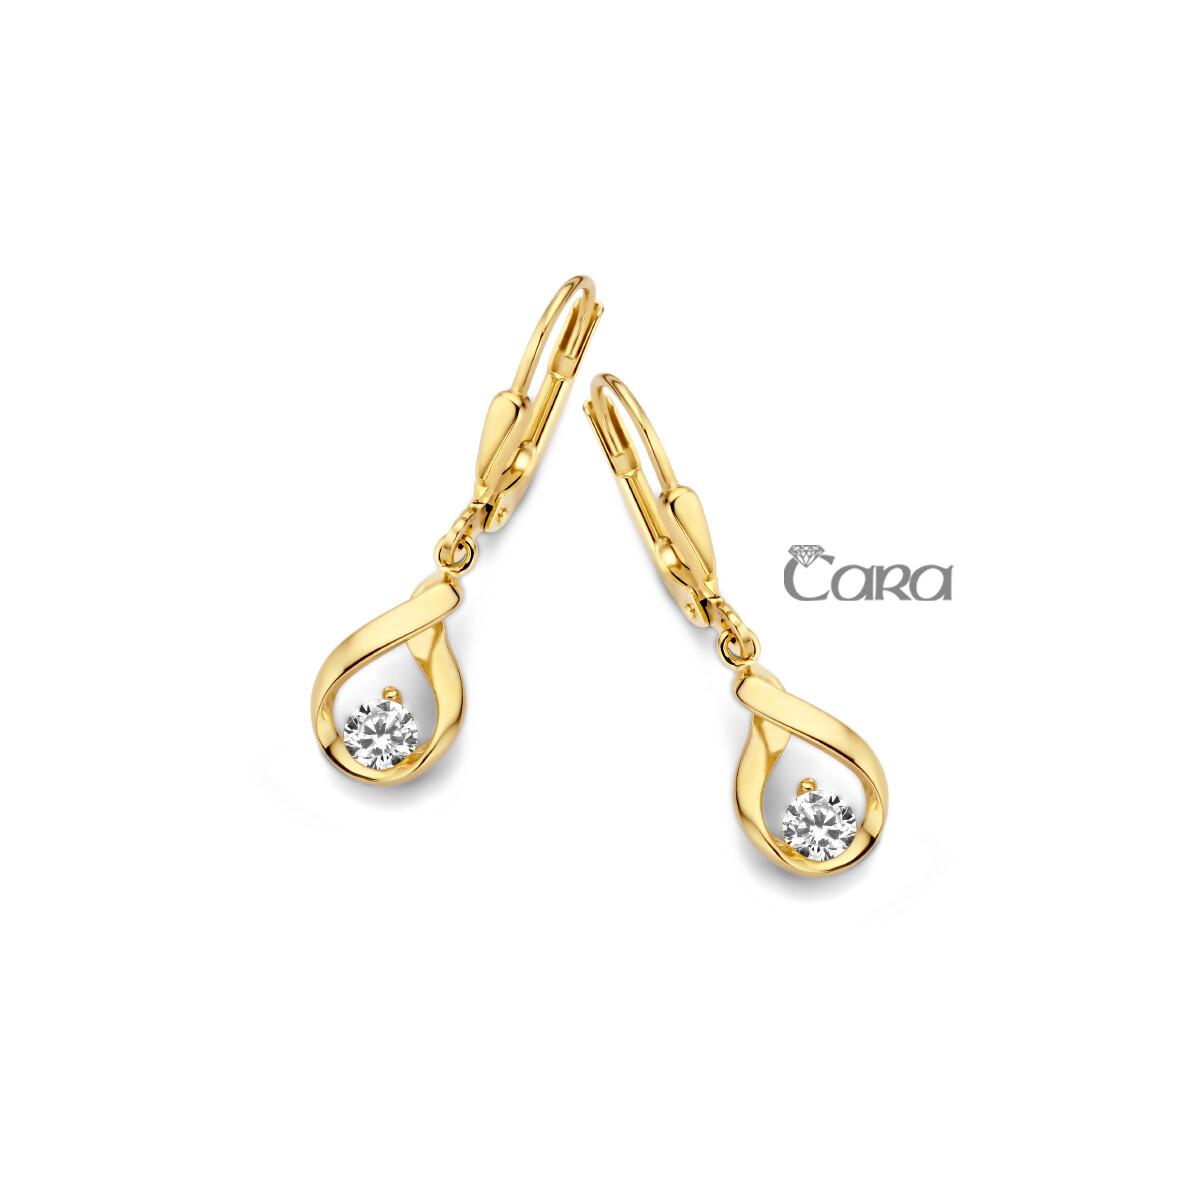 Boucles d'oreilles Cara CA057